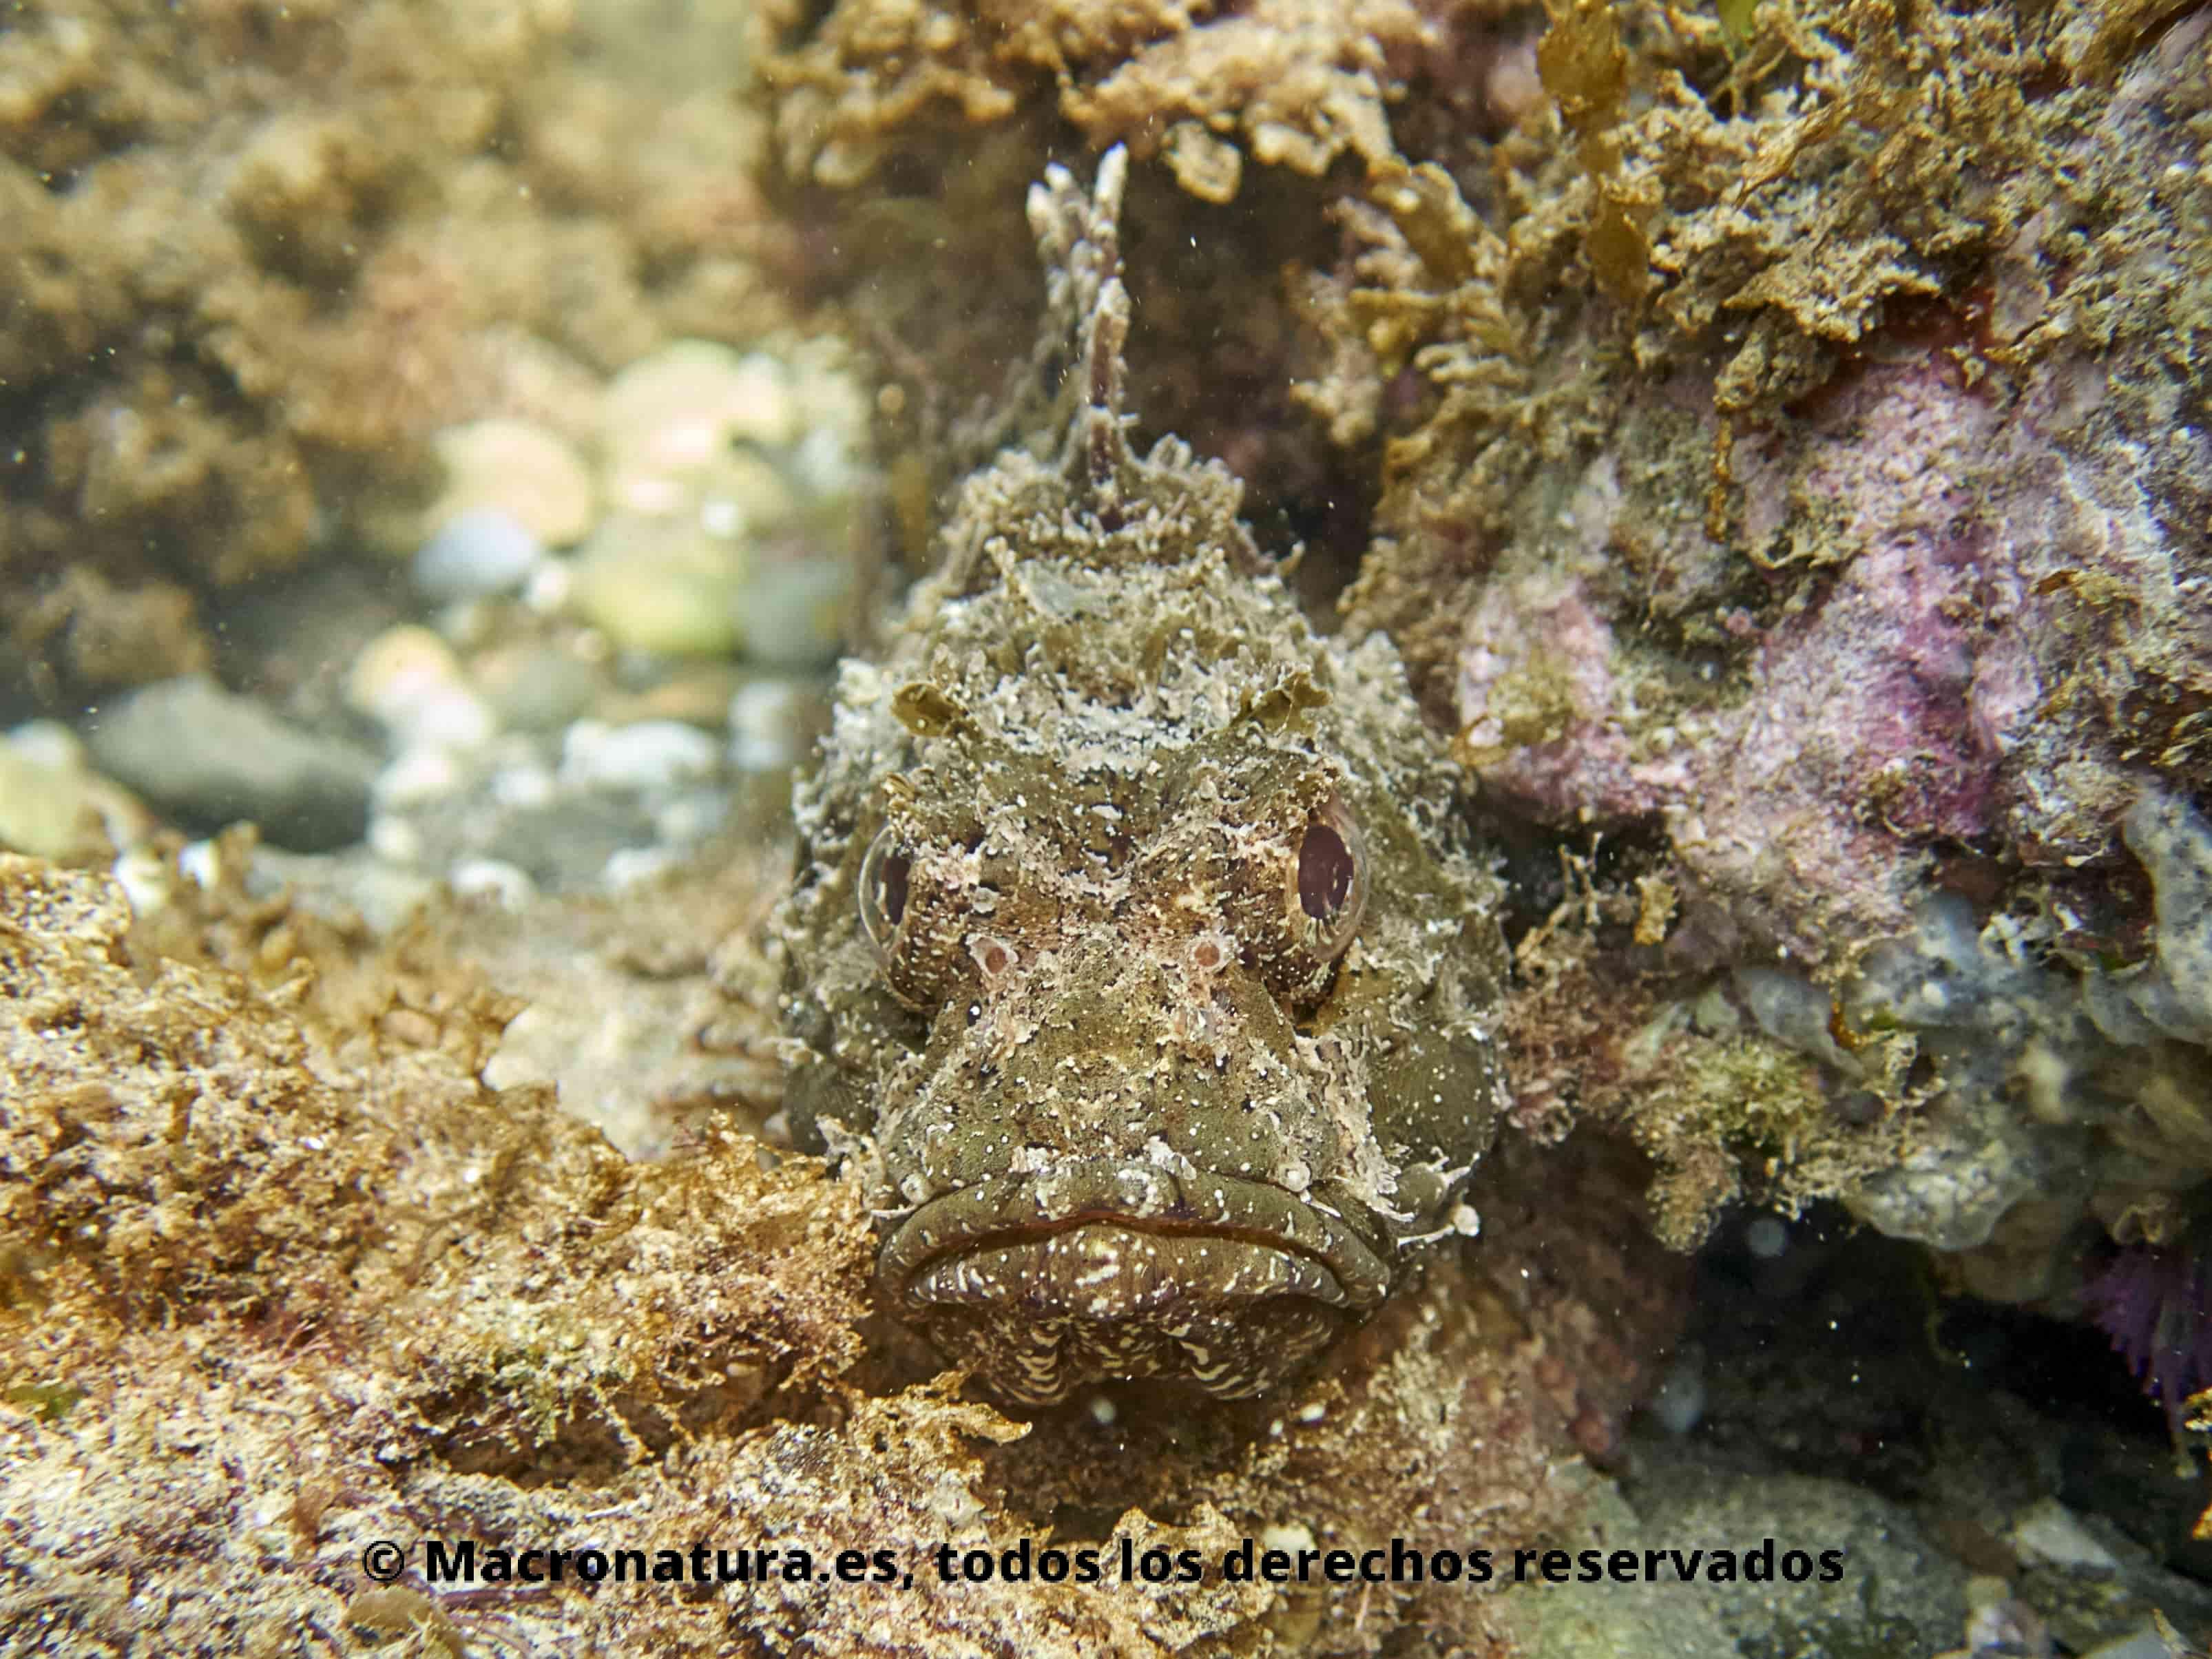 Rascacio Scorpaena porcus mirando a la camara de frente. Mimetizado con el entorno rocoso y de algas